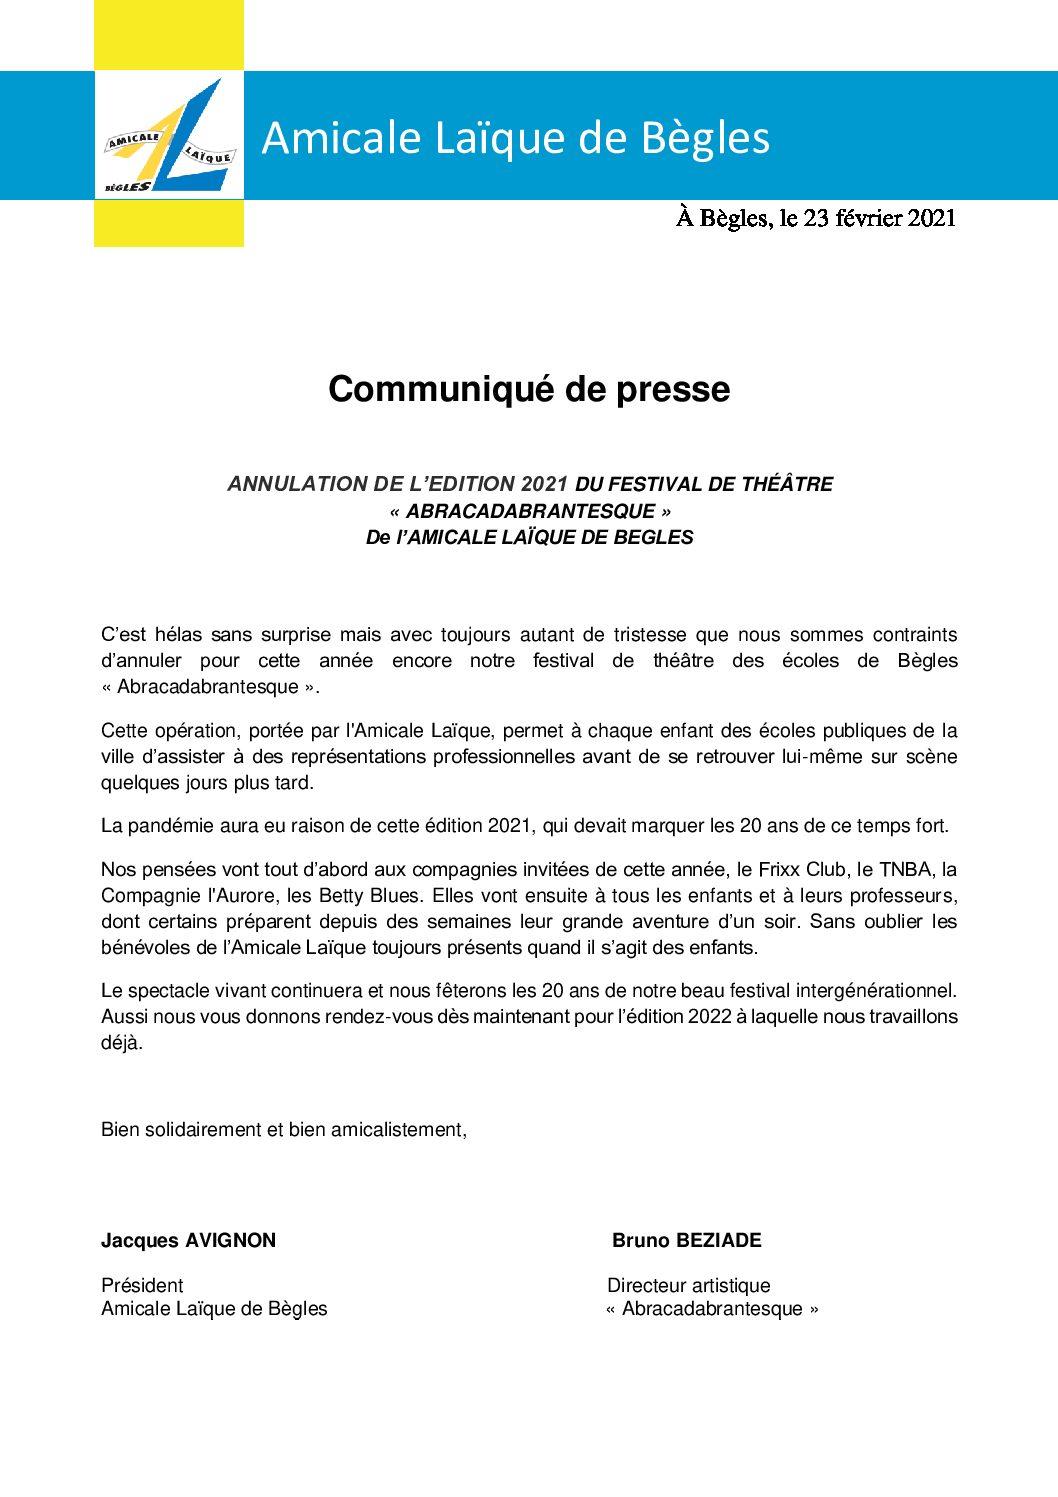 Communiqué de Presse – Annulation du Festival Abracadabrantesque